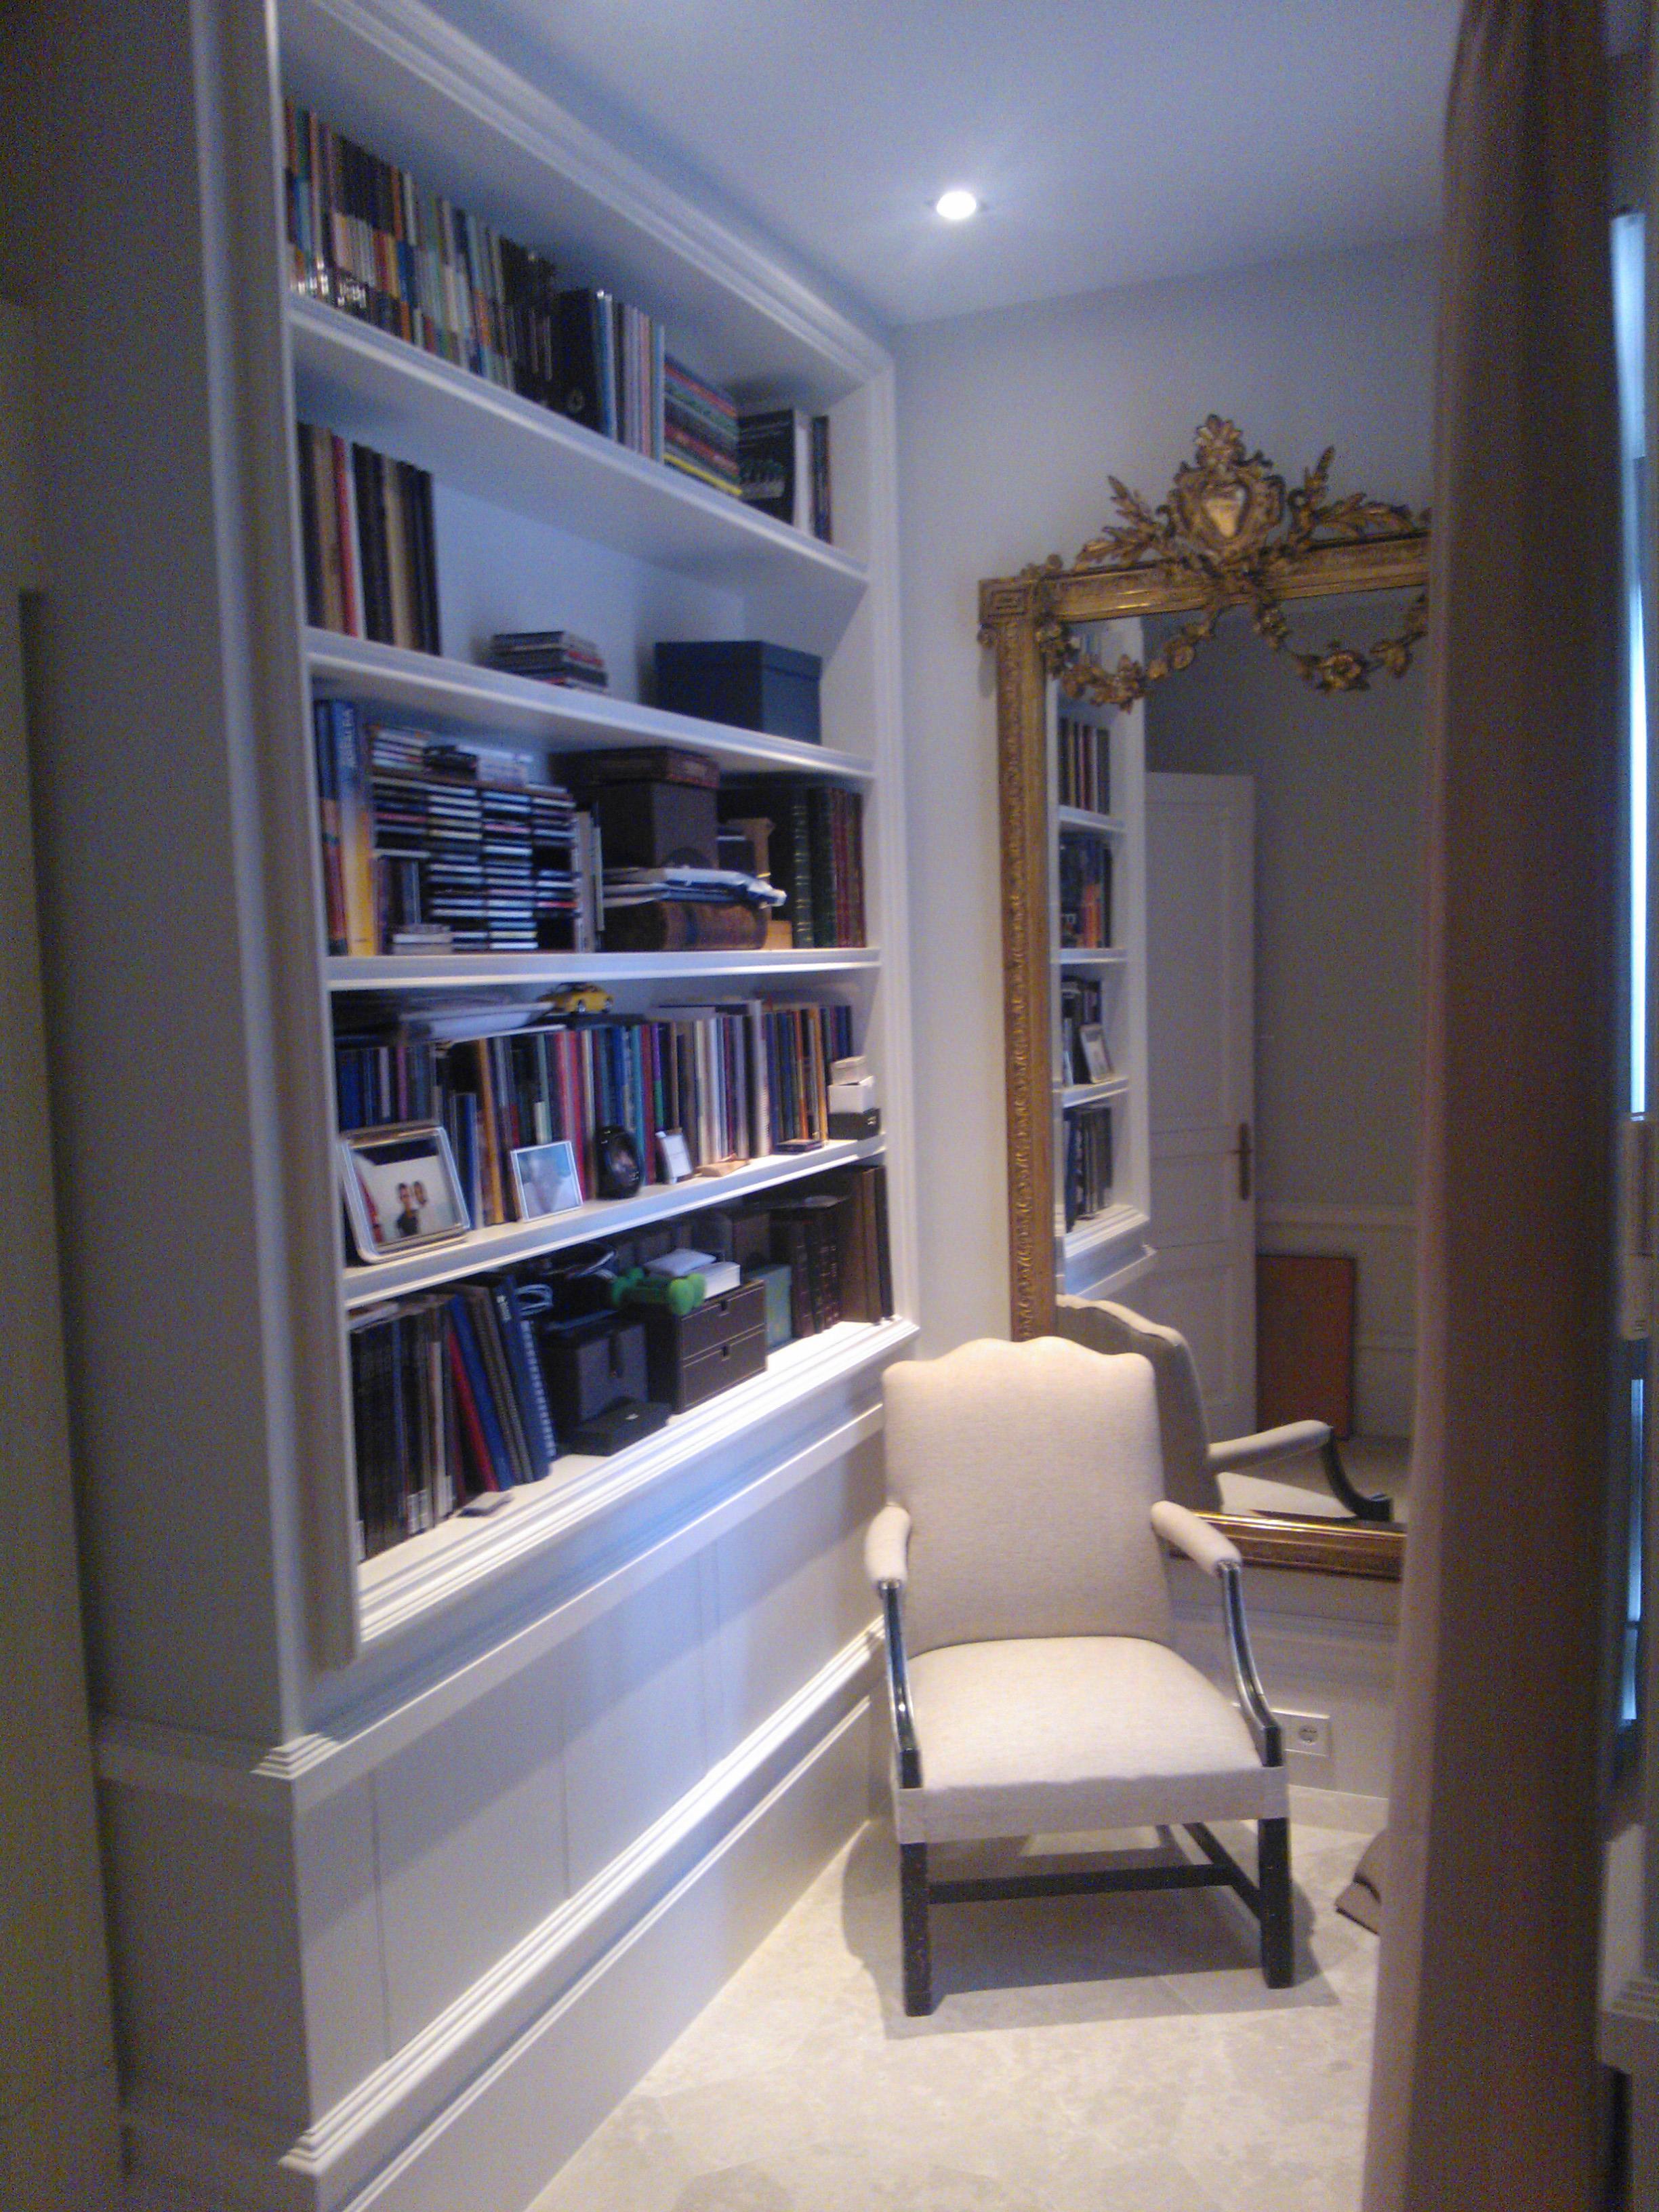 Decoradores de interiores en madrid decoradores de - Decoradores de interiores en madrid ...